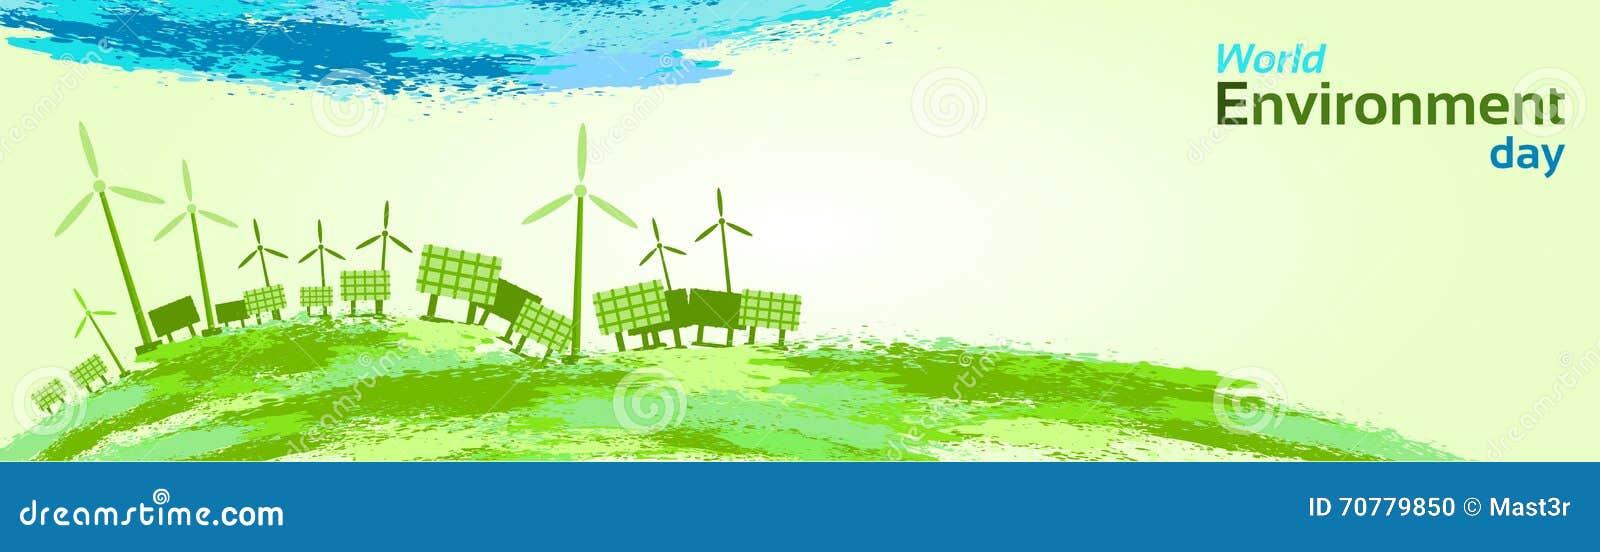 Zielony silnik wiatrowy energii słonecznej panelu Światowego środowiska dzień